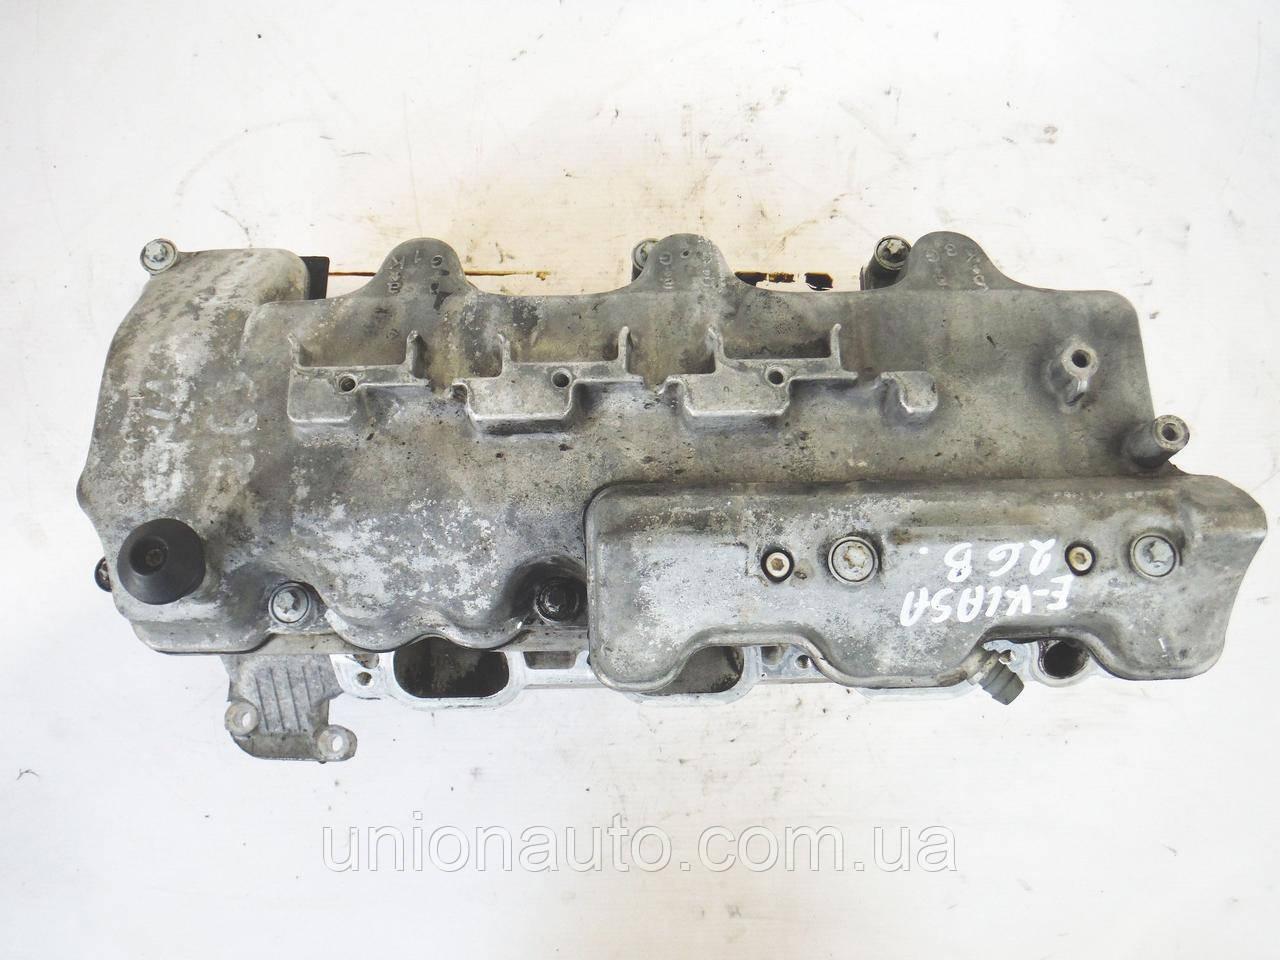 Головка блоку цилидров , ГБЦ блоку ЦИЛІНДРІВ MERCEDES W210 2,4 V6 ЛІВА